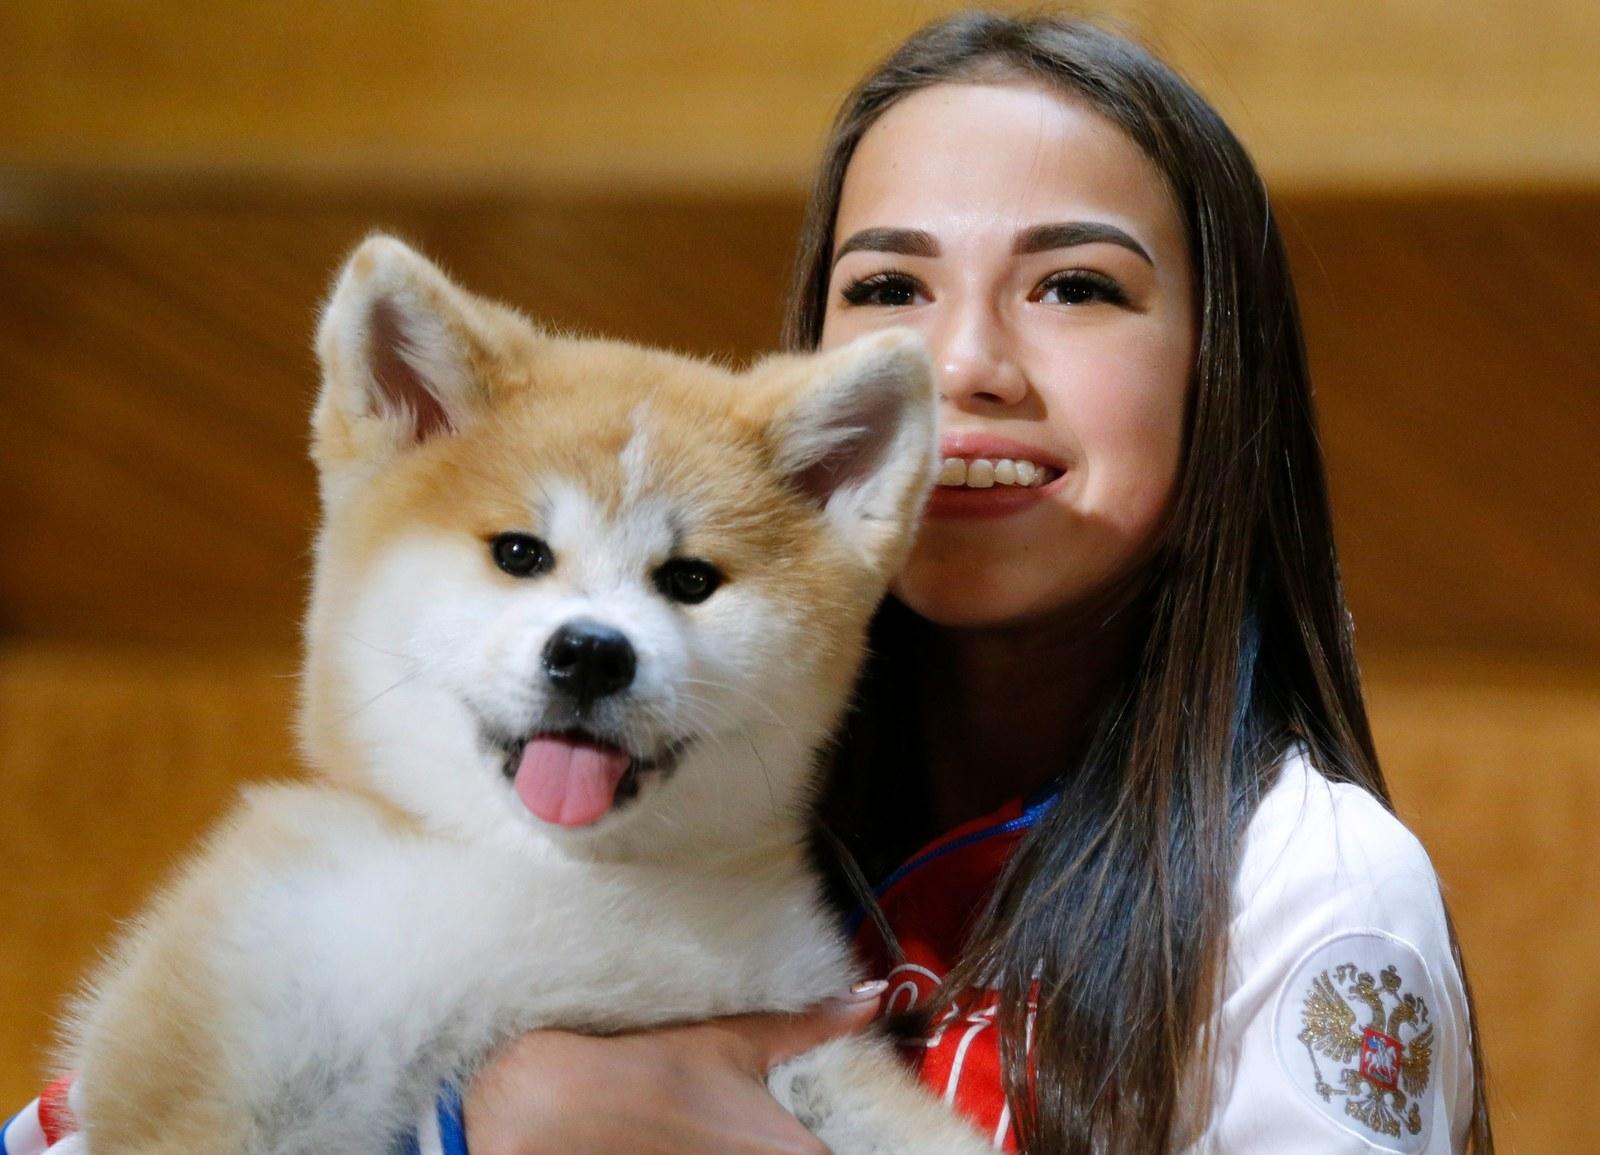 ザキトワ選手に贈呈された秋田犬「マサル」がかわいすぎると